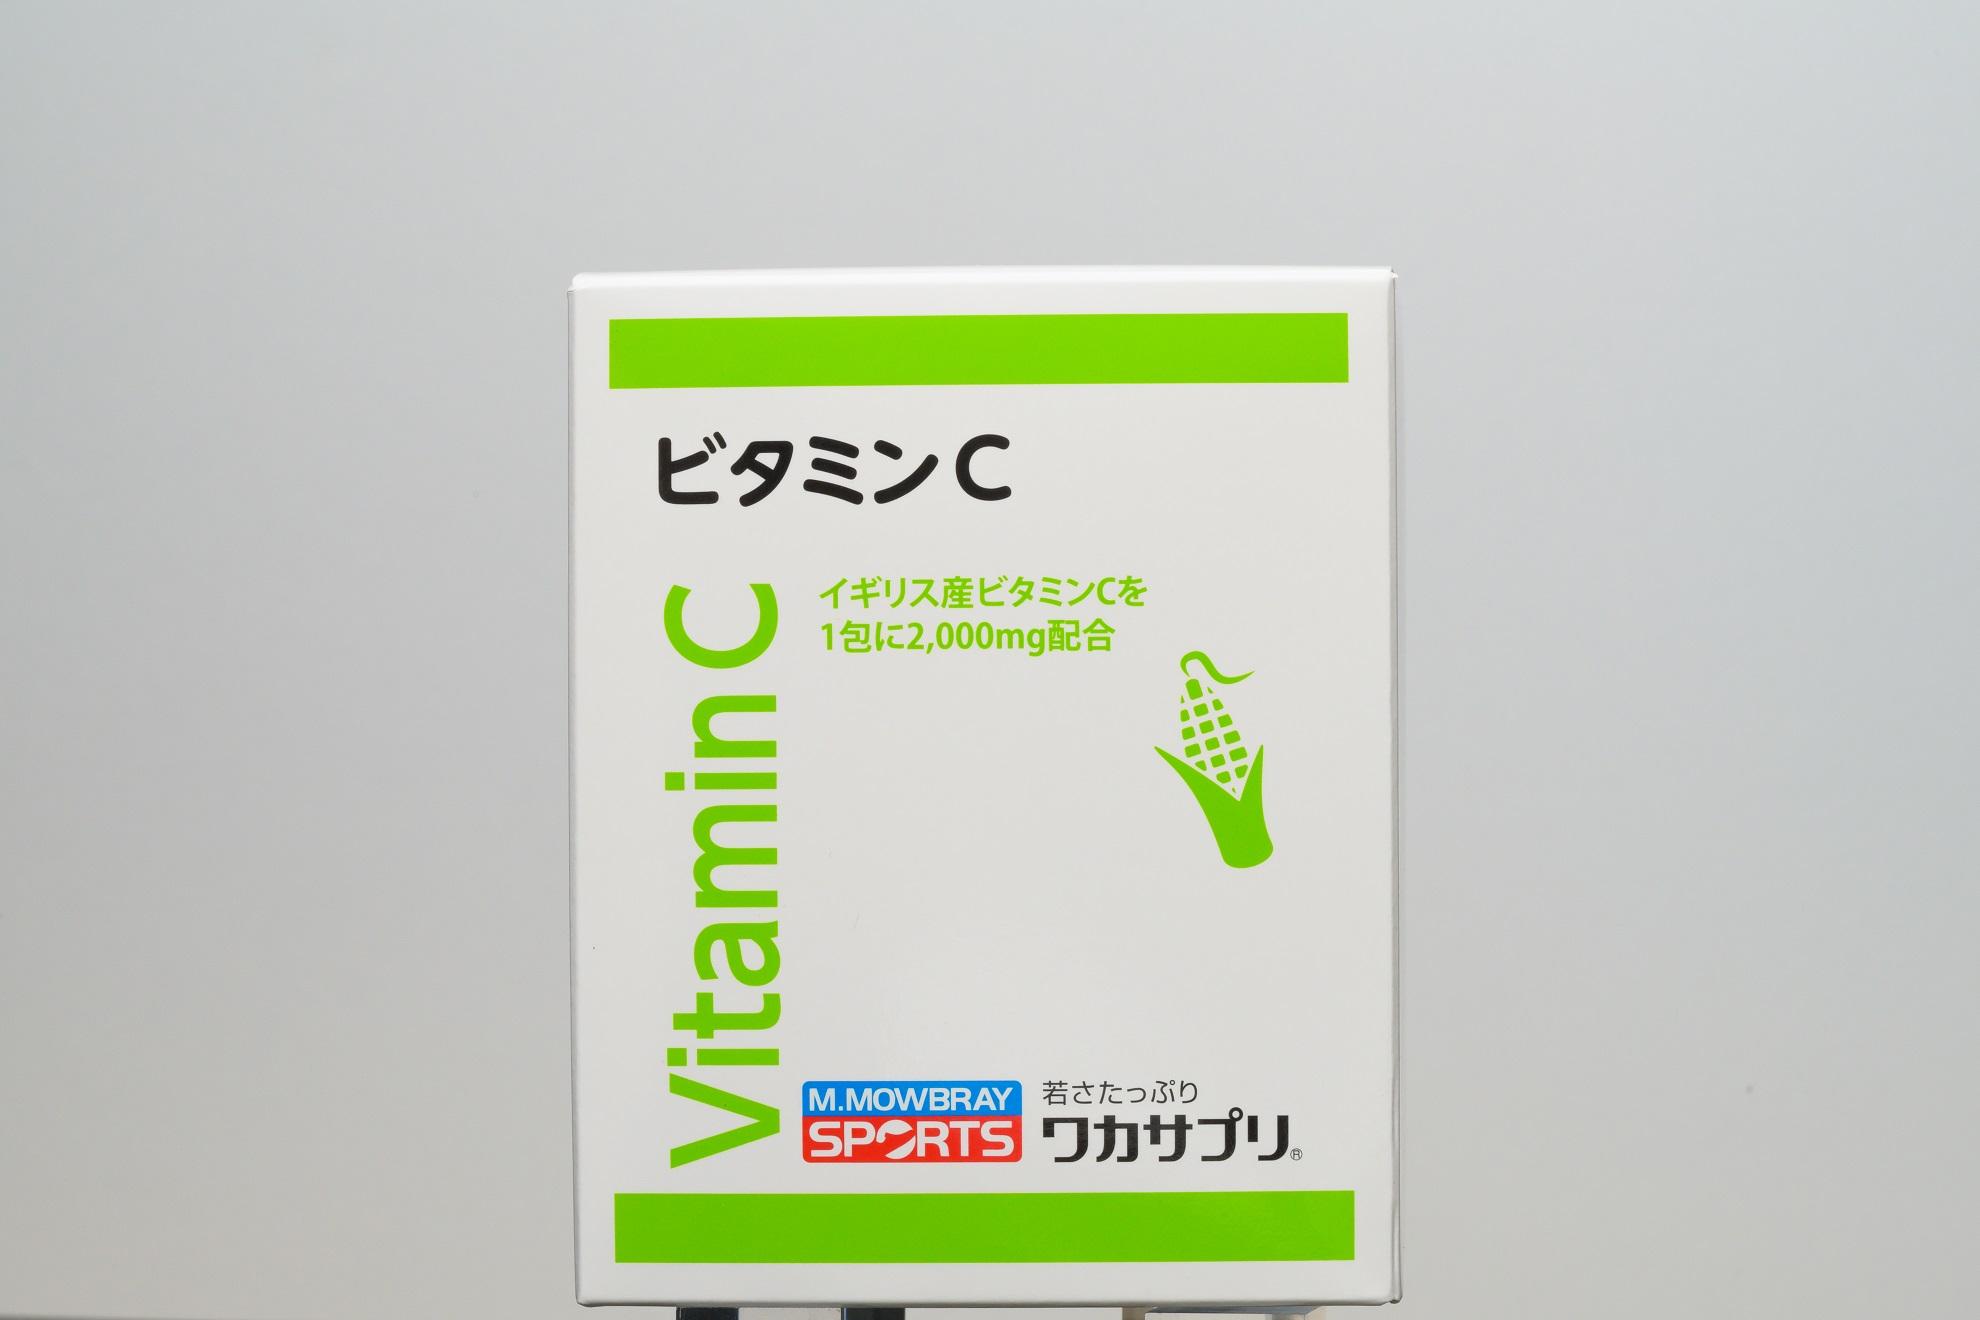 ワカサプリ×M.MOWBRAY SPORTS ビタミンC